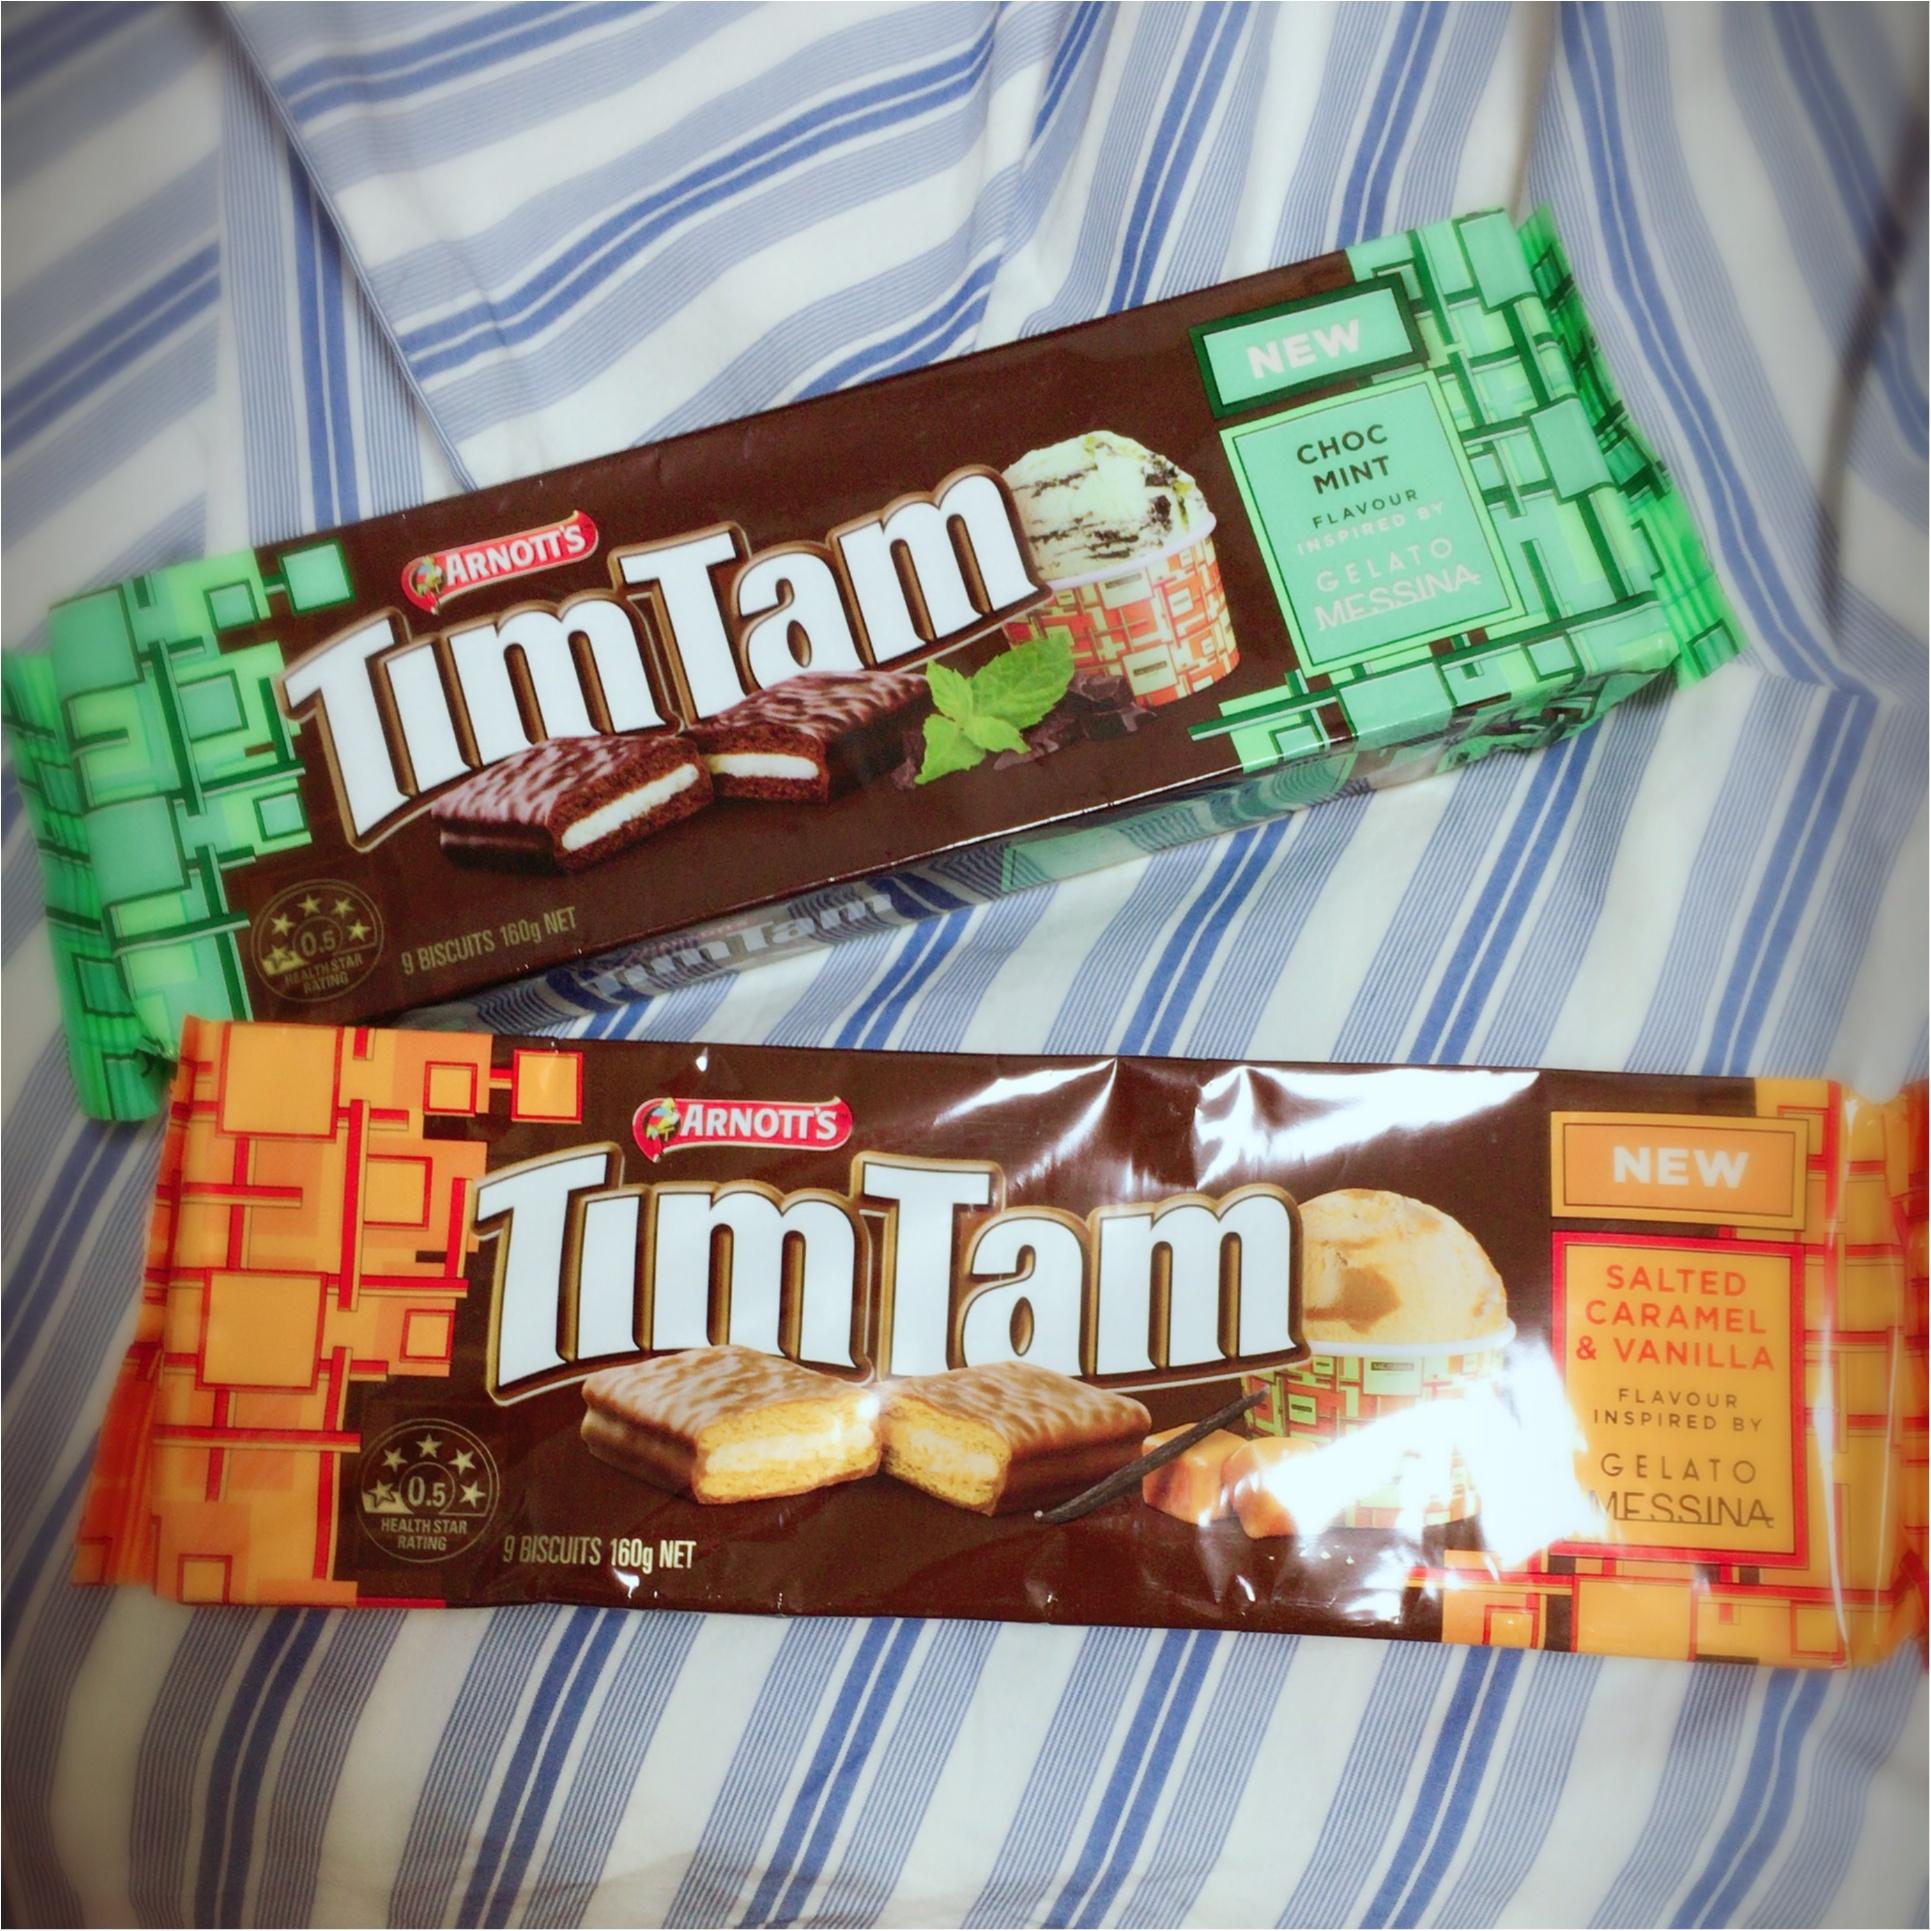 チョコミント好きはカルディーへ急げ!♡ TimTamから今シーズン限定フレーバーが登場!!_1